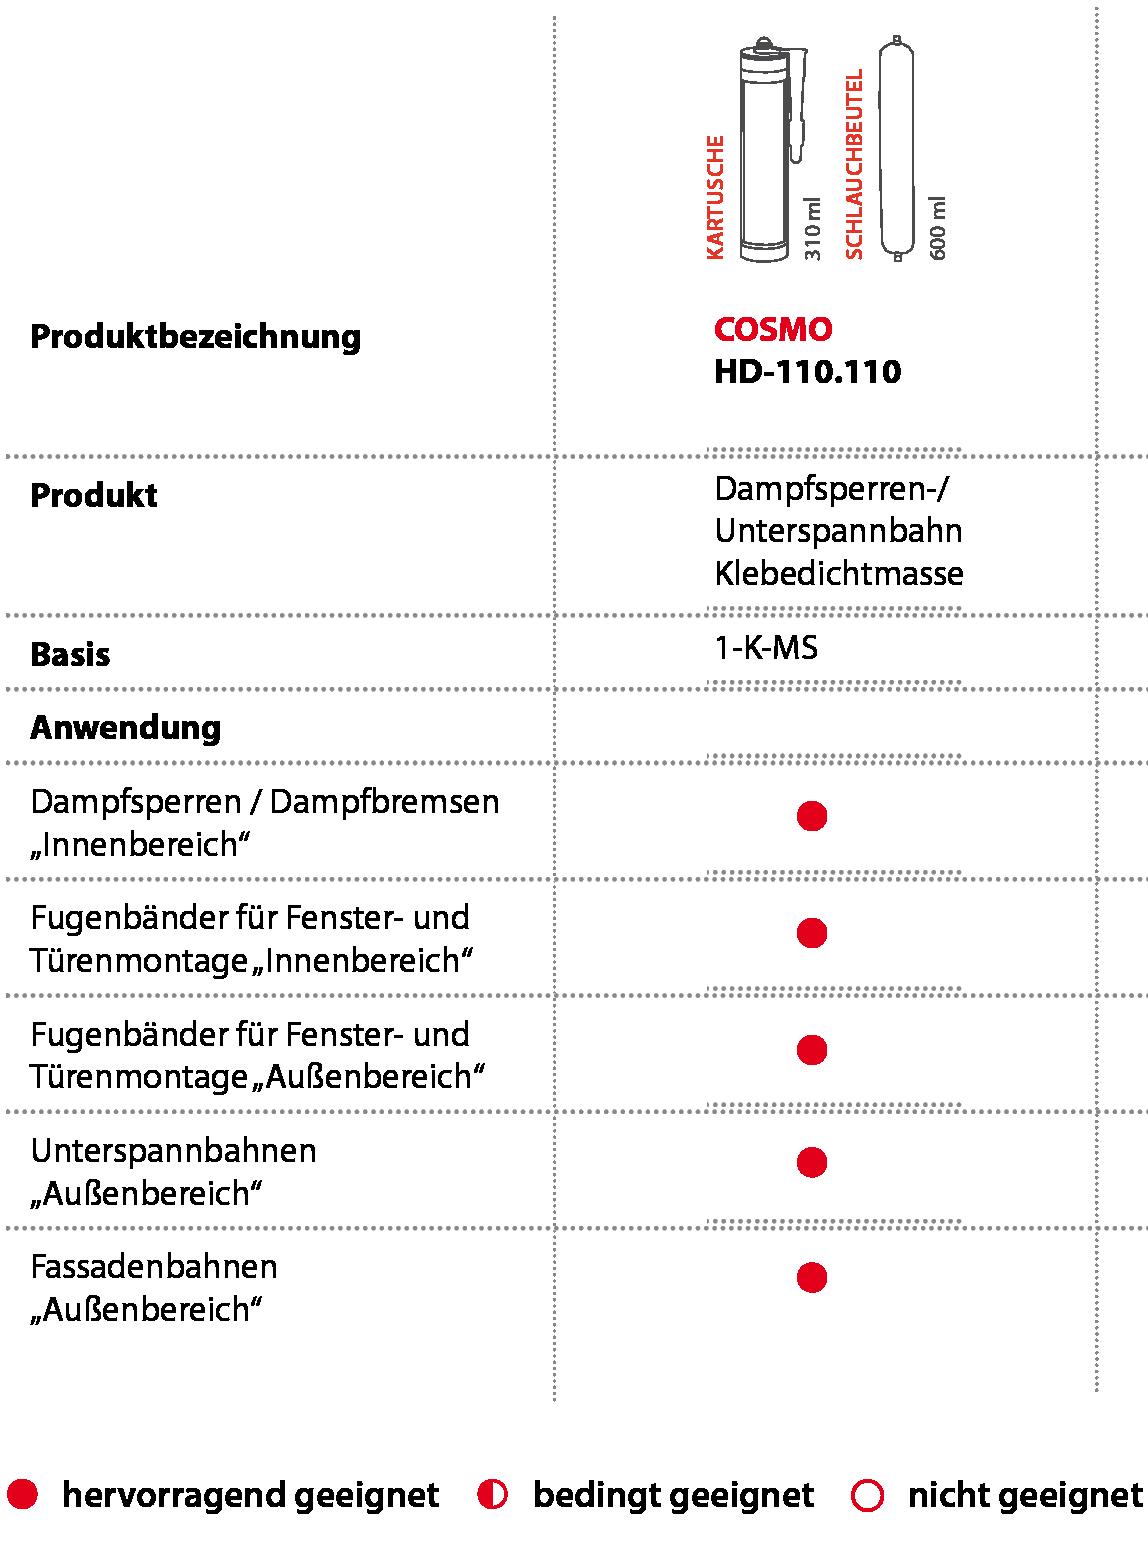 verklebung und abdichtung von unterspannbahnen im anschlussbereich von gauben. Black Bedroom Furniture Sets. Home Design Ideas